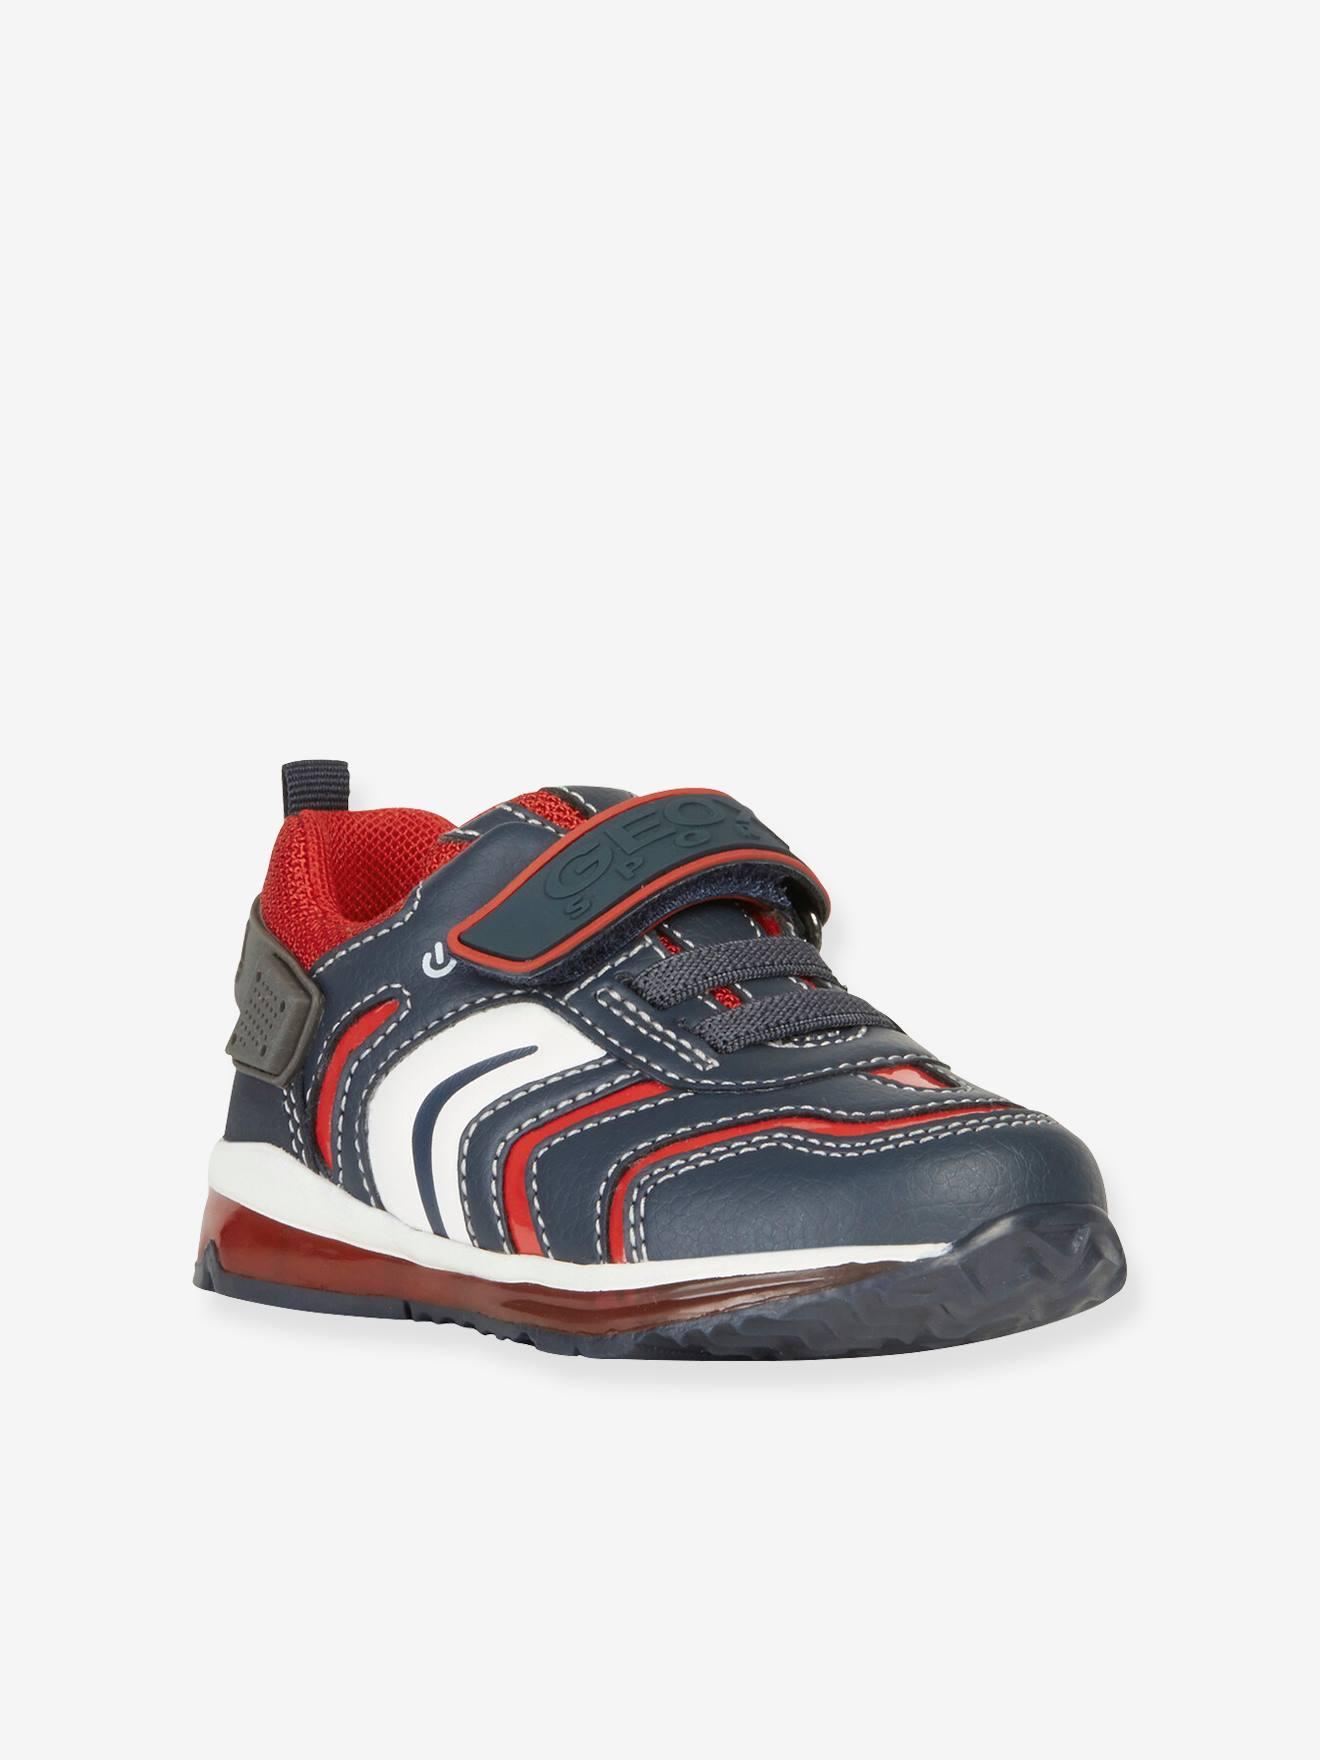 Garçons Jcdees Light Tan Marron Bleu Marine Fermé Sandales Chaussures N1046